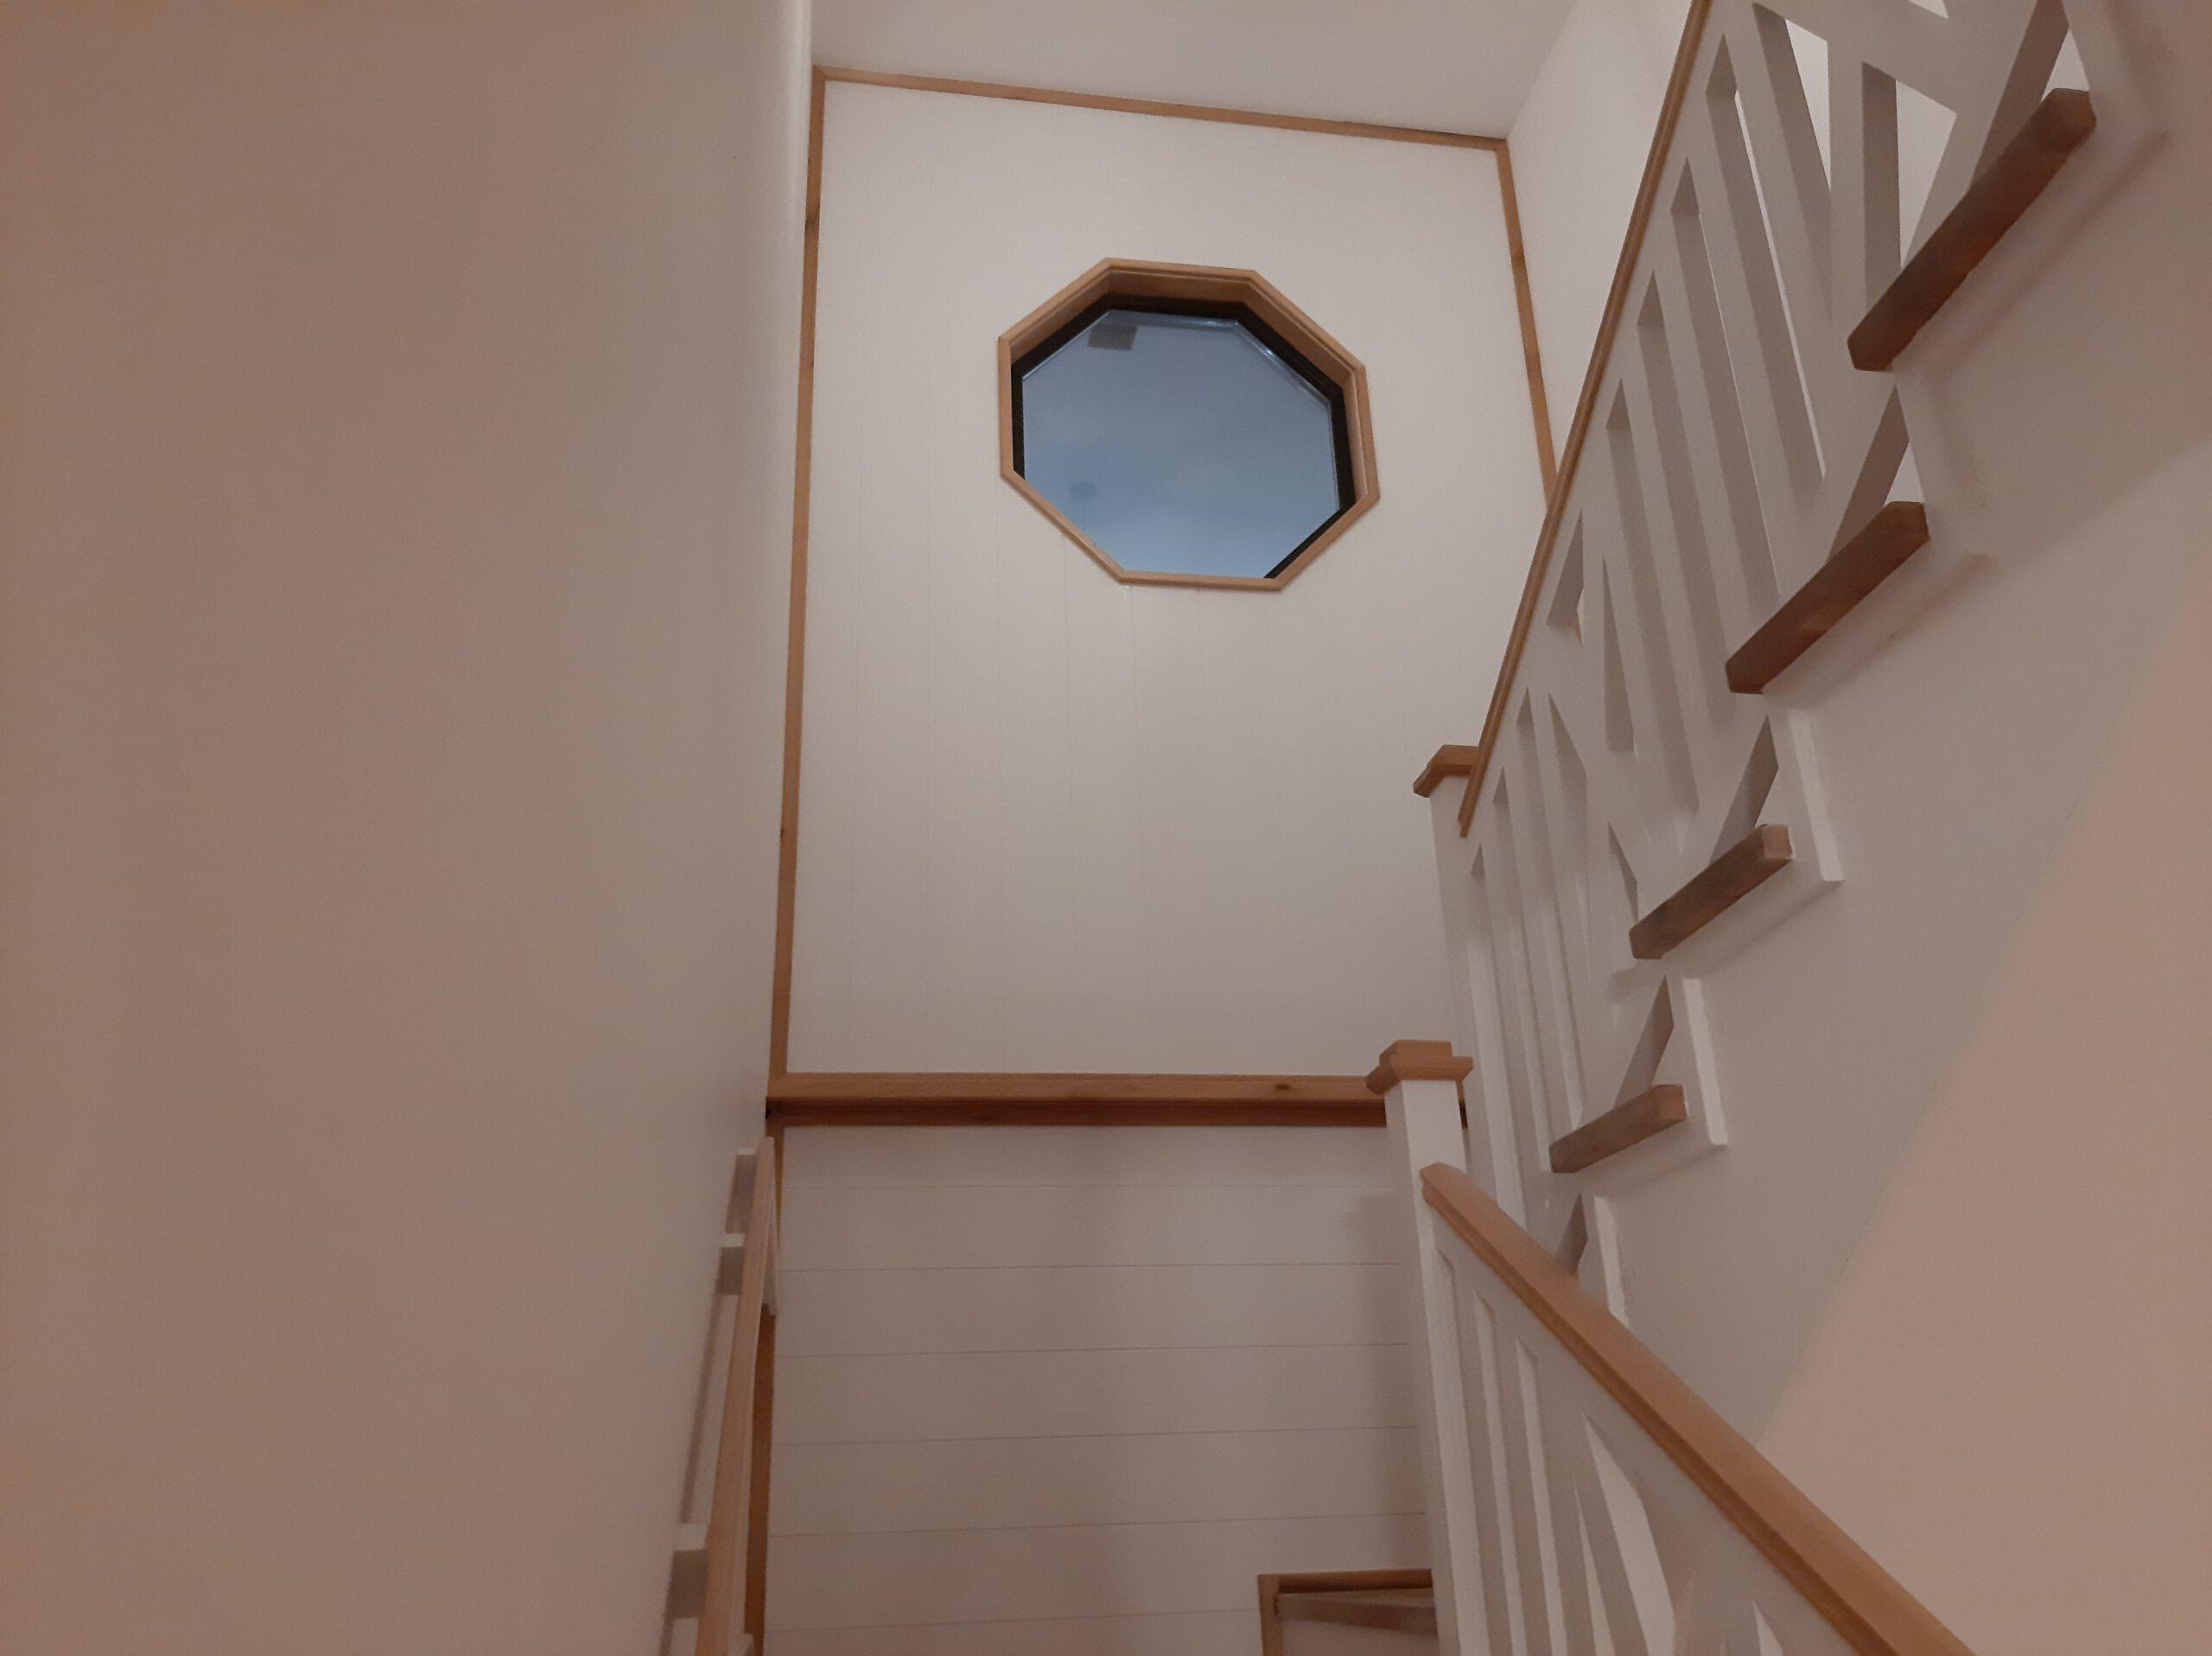 balustrade de interior (1)